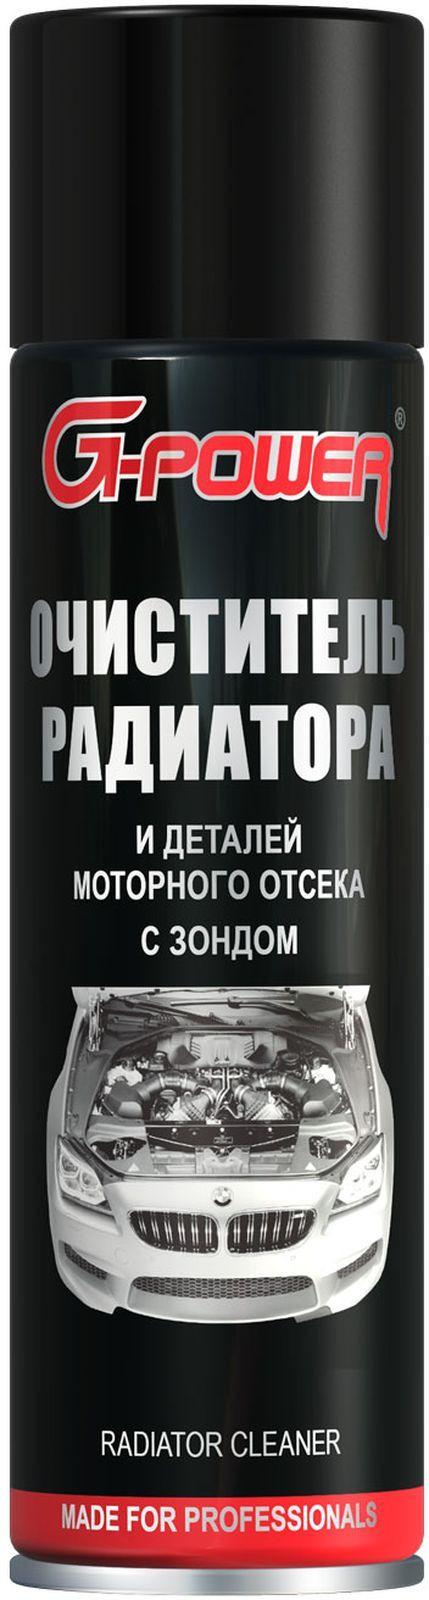 Очиститель радиатора G-Power, 650 мл